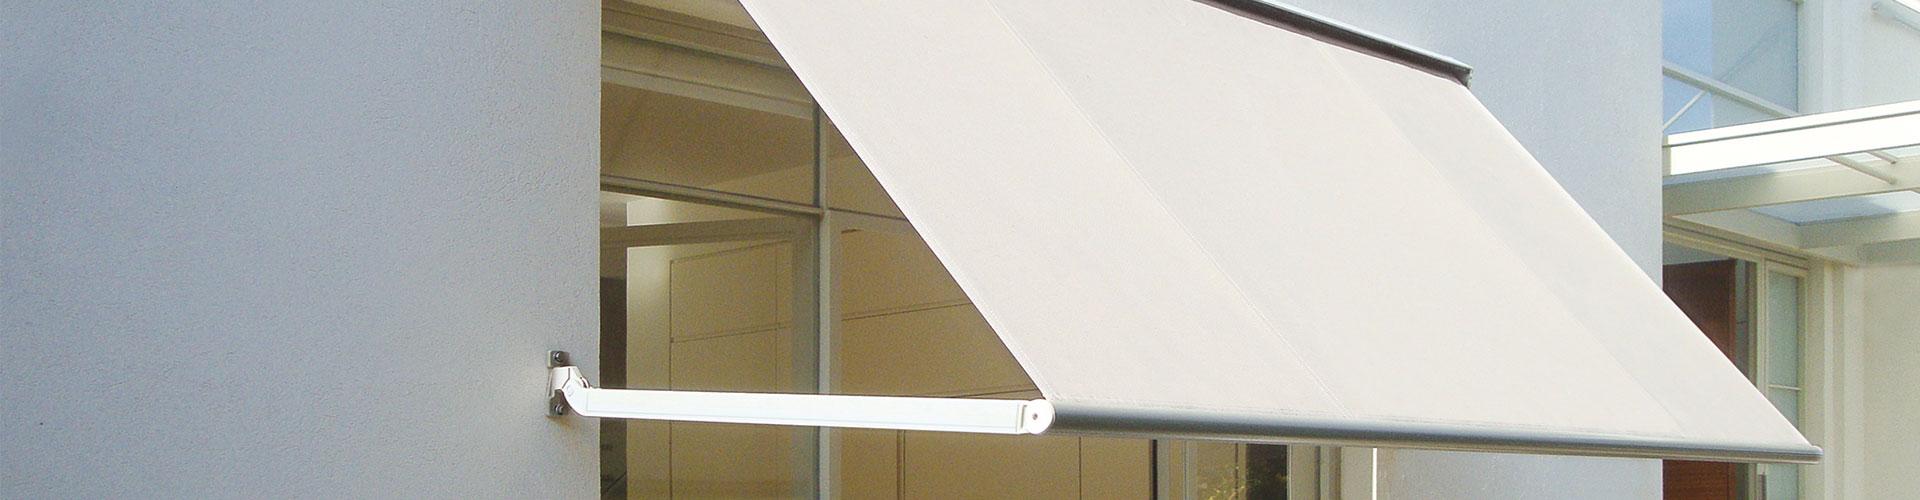 Finest tende per finestre with tende finestre for Finestre moderne della fattoria